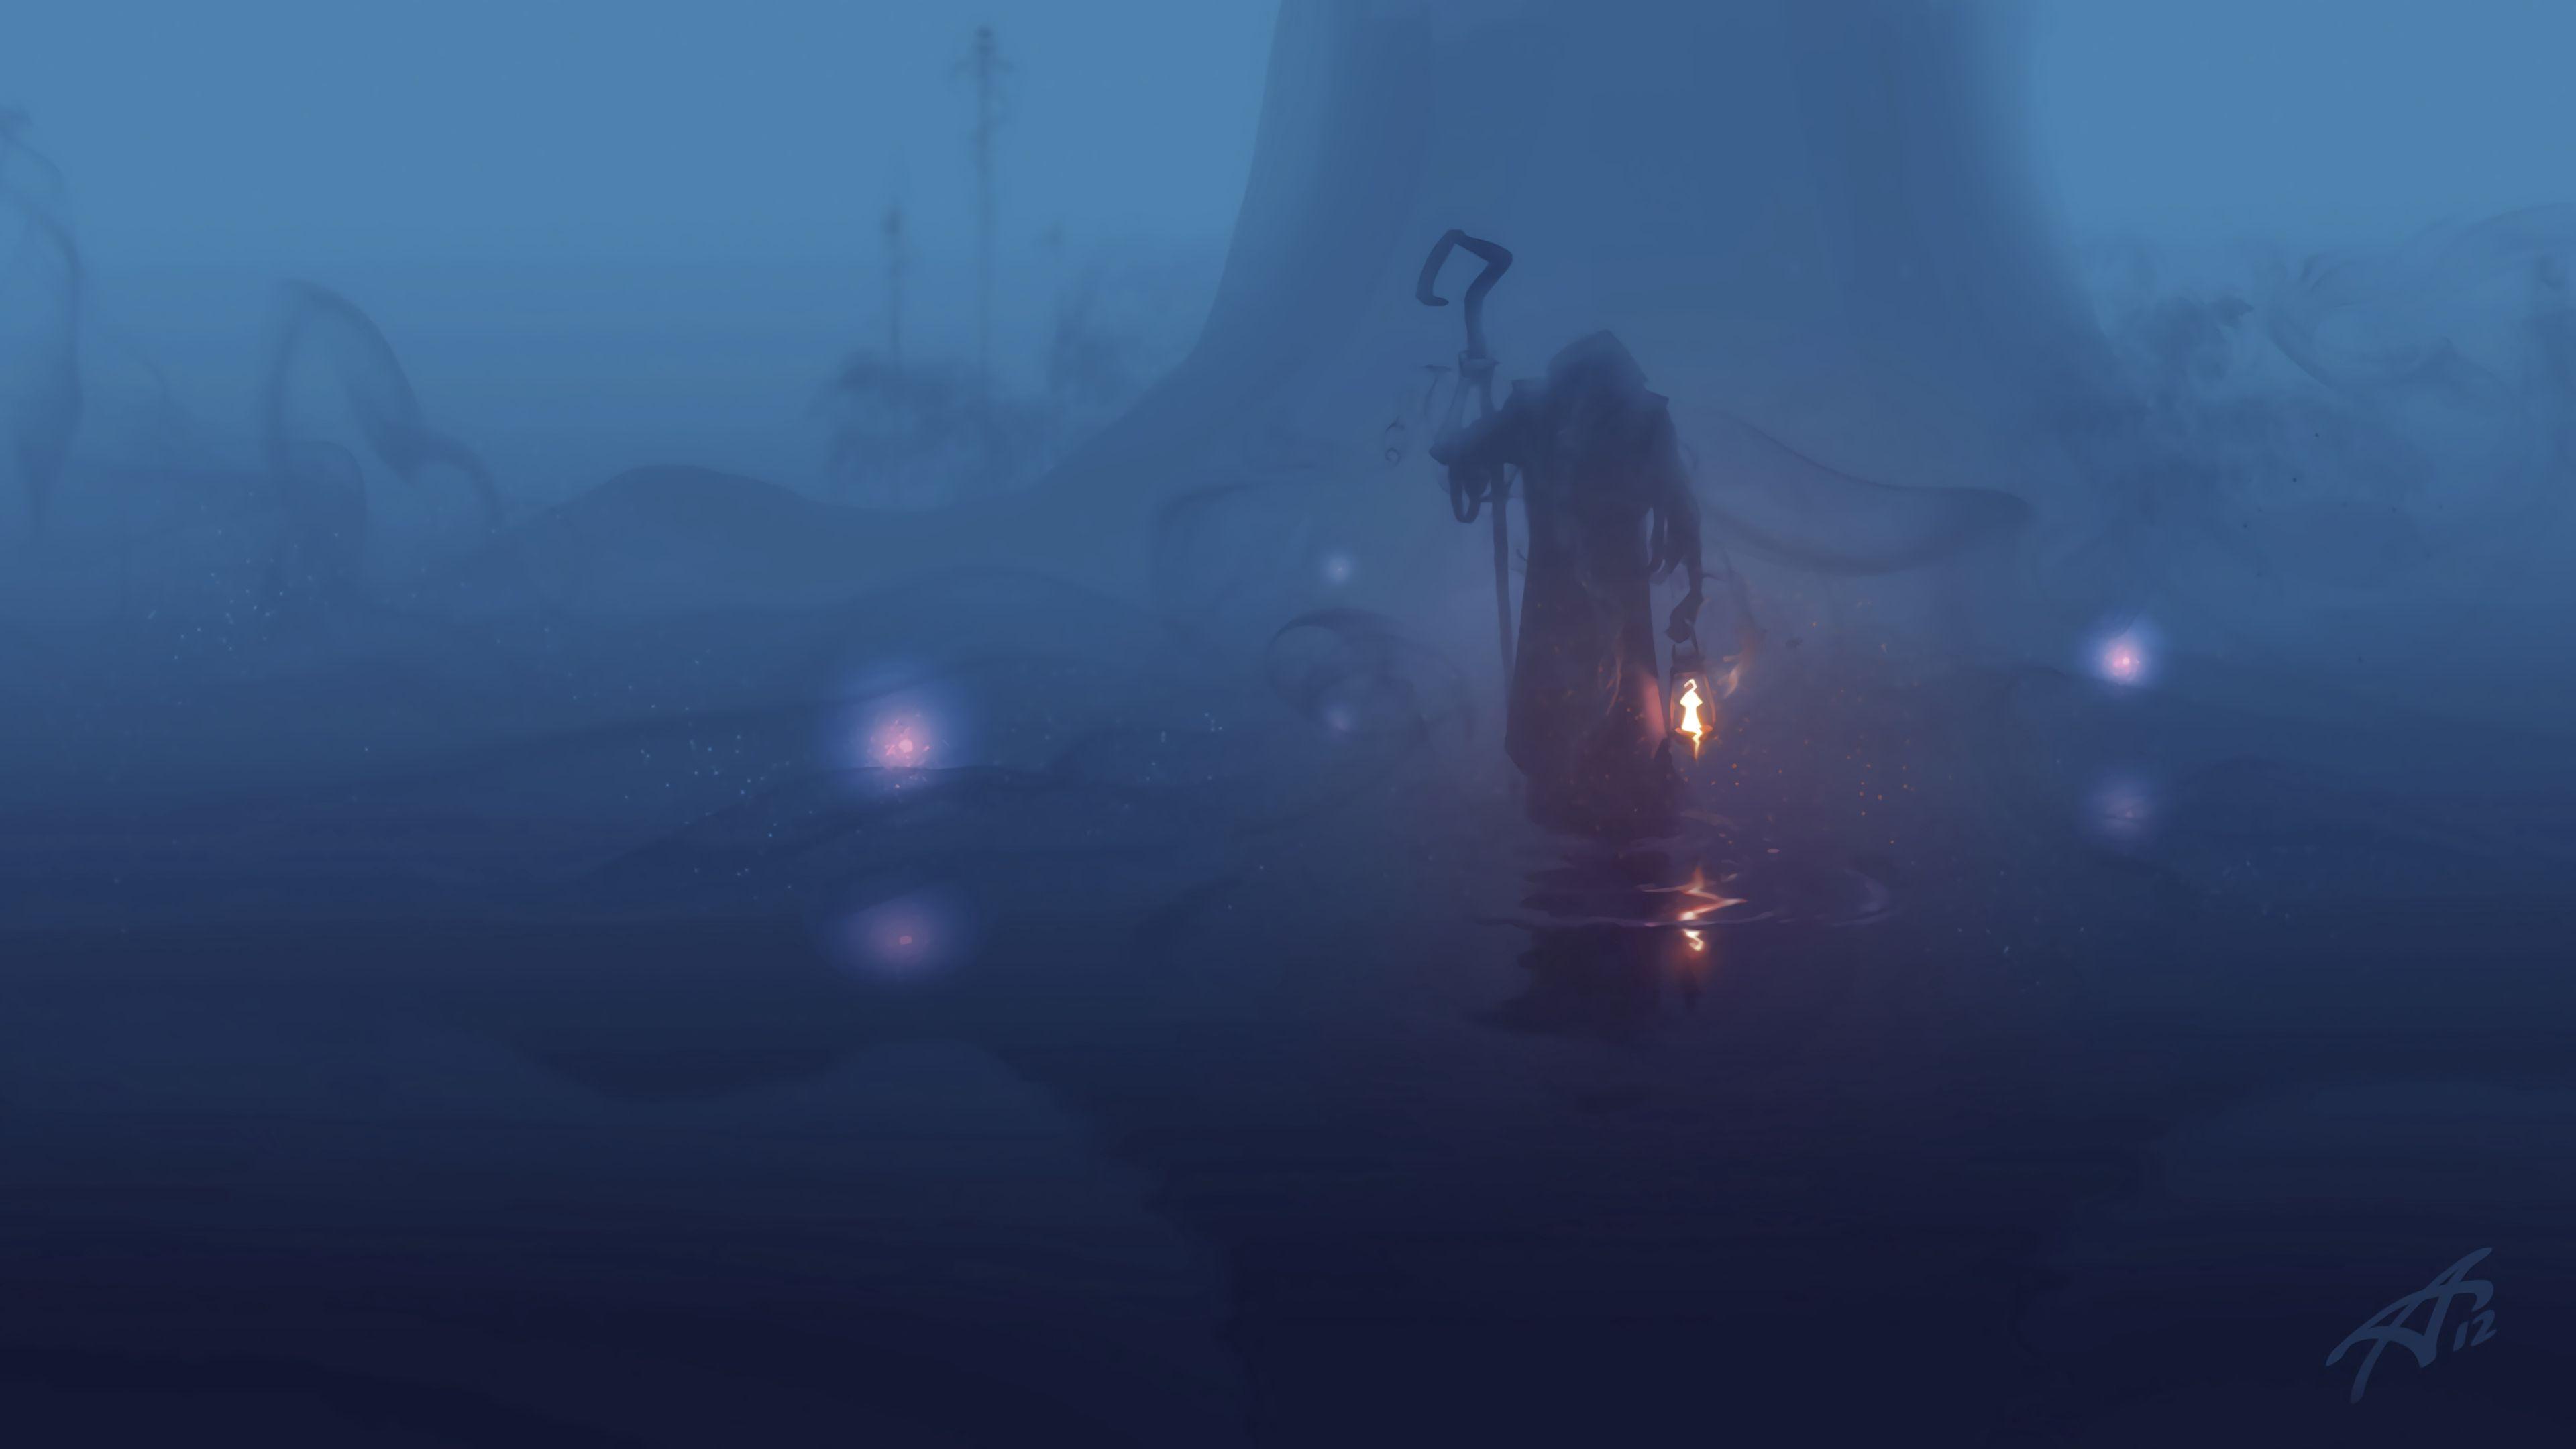 免費壁紙93304:艺术, 流浪者, 特尼特尼克, 多雾路段, 雾, 地幔, 地名, 黑暗的, 黑暗, 阴沉, 阴郁, 灯, 灯泡 下載手機圖片